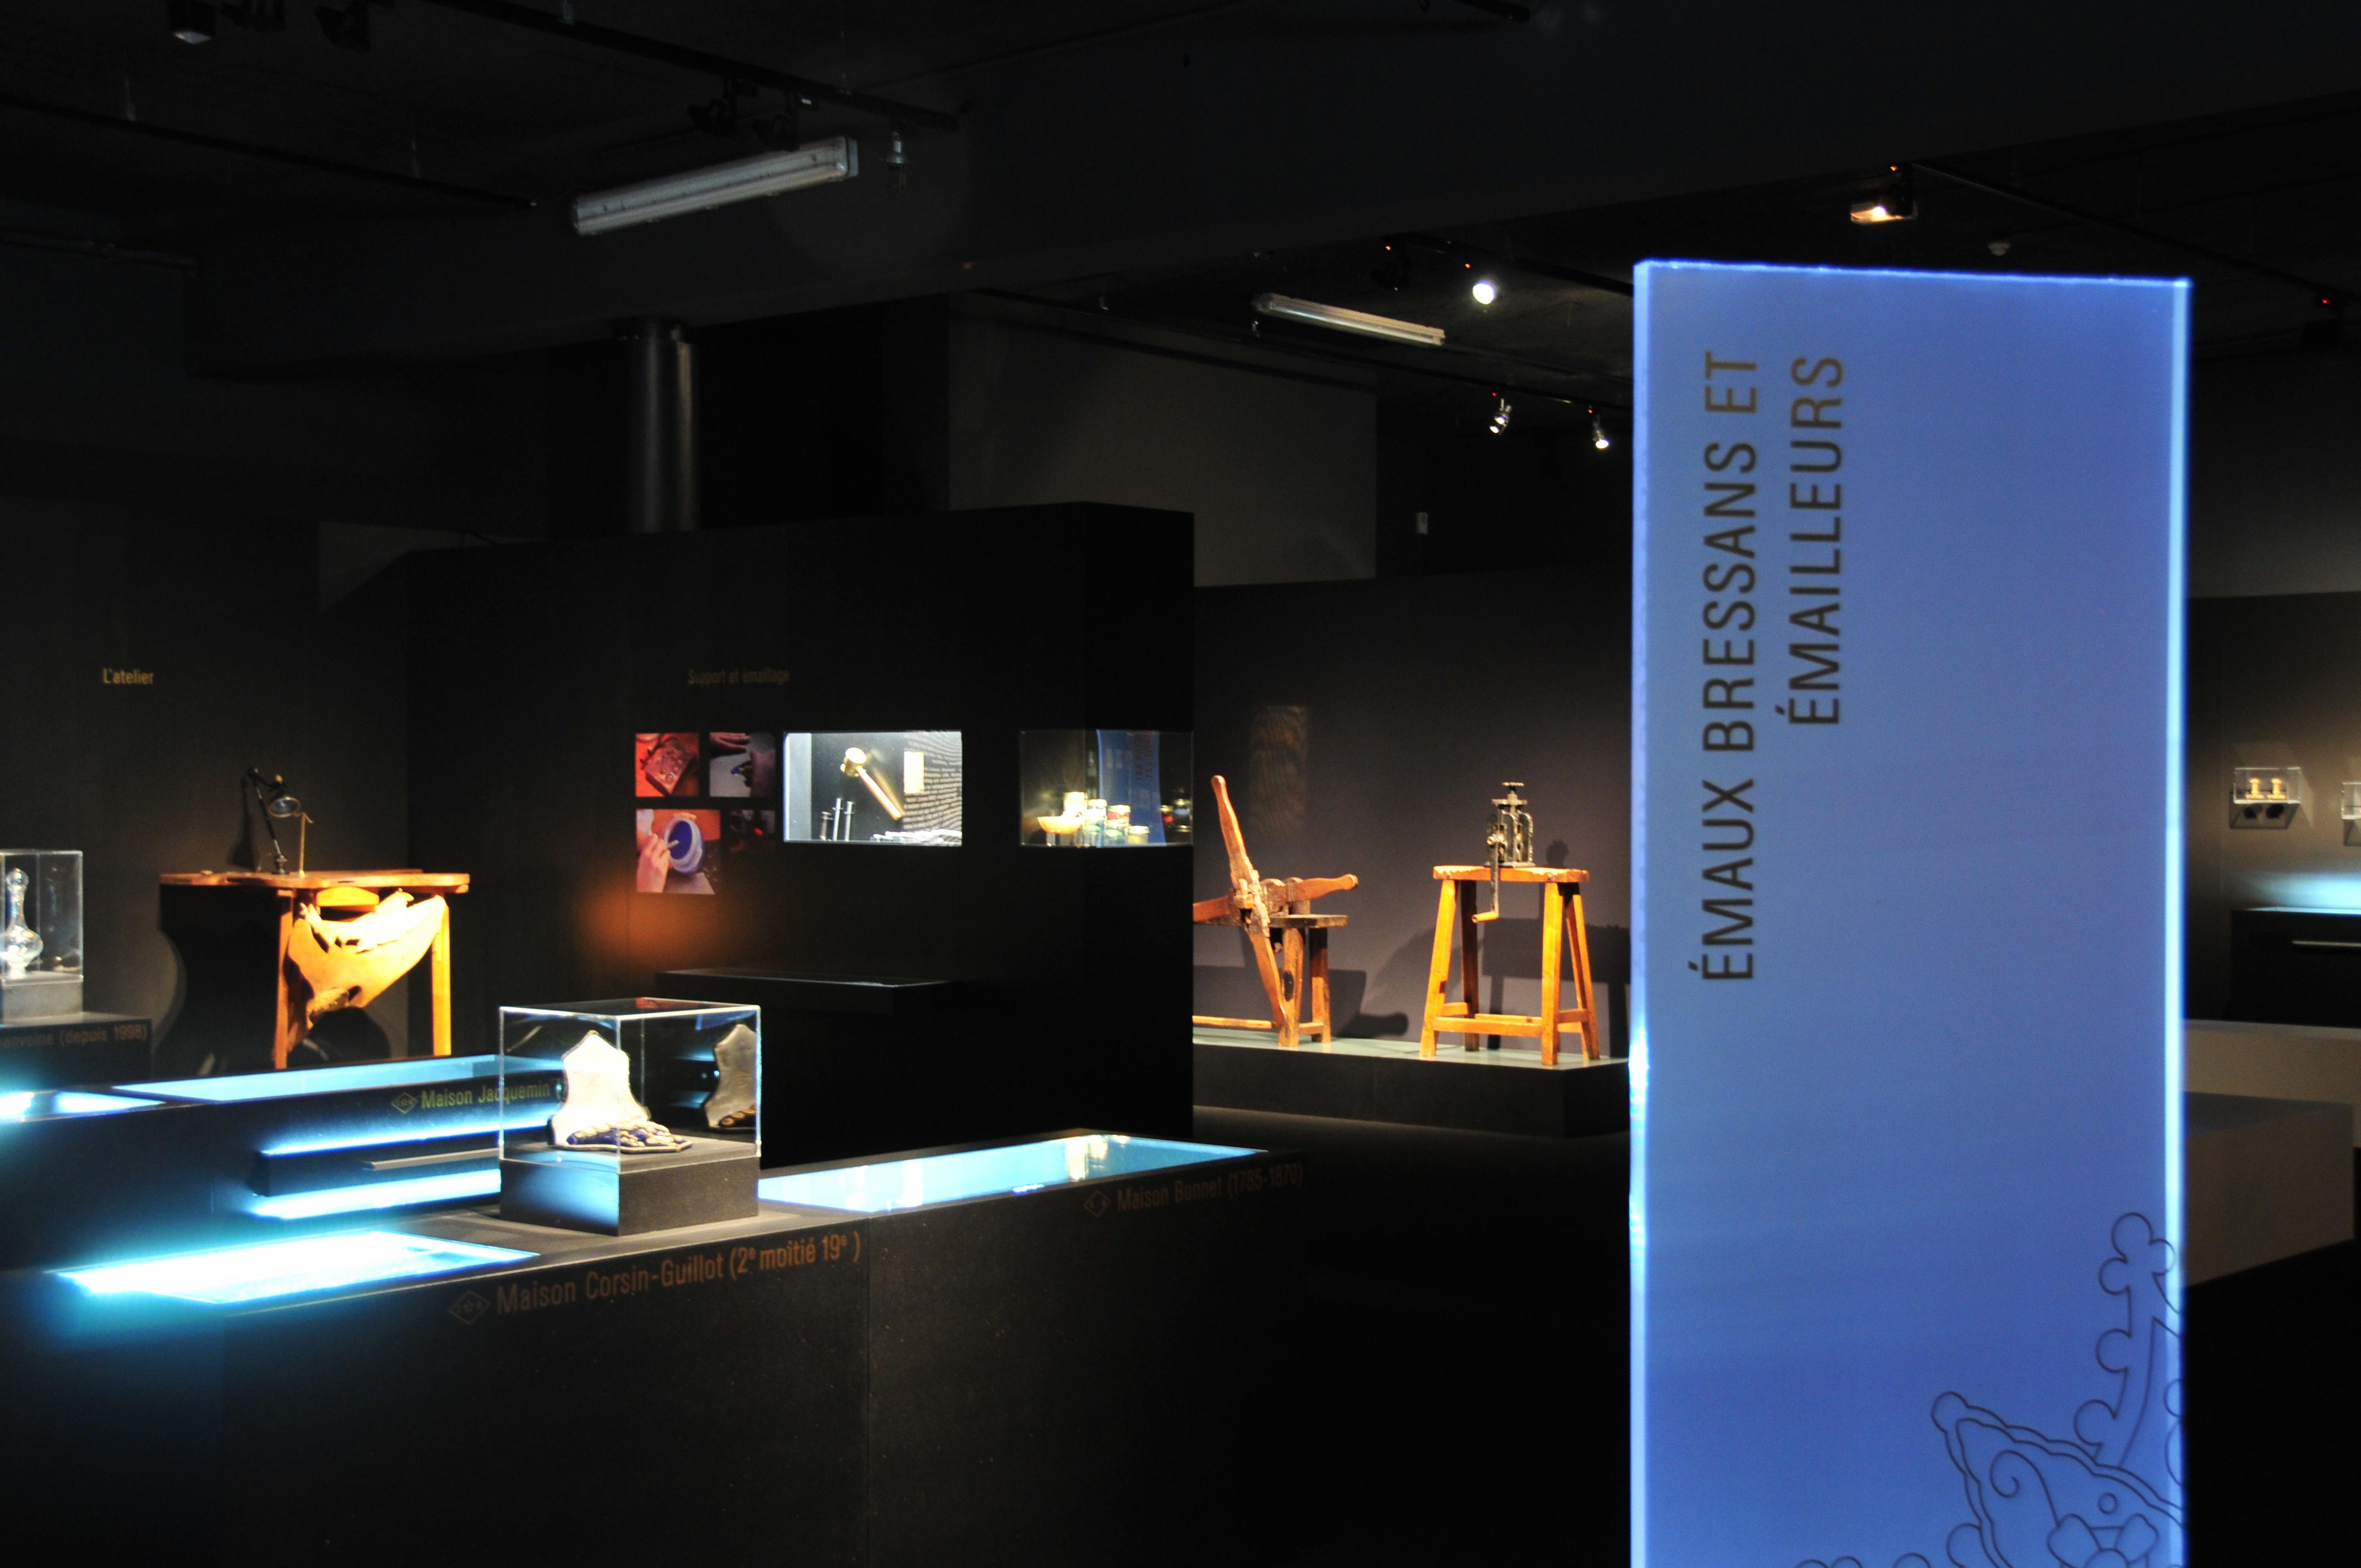 Musée_de_la_bresse_Domaine_des_Planons_Emaux_bressans_002